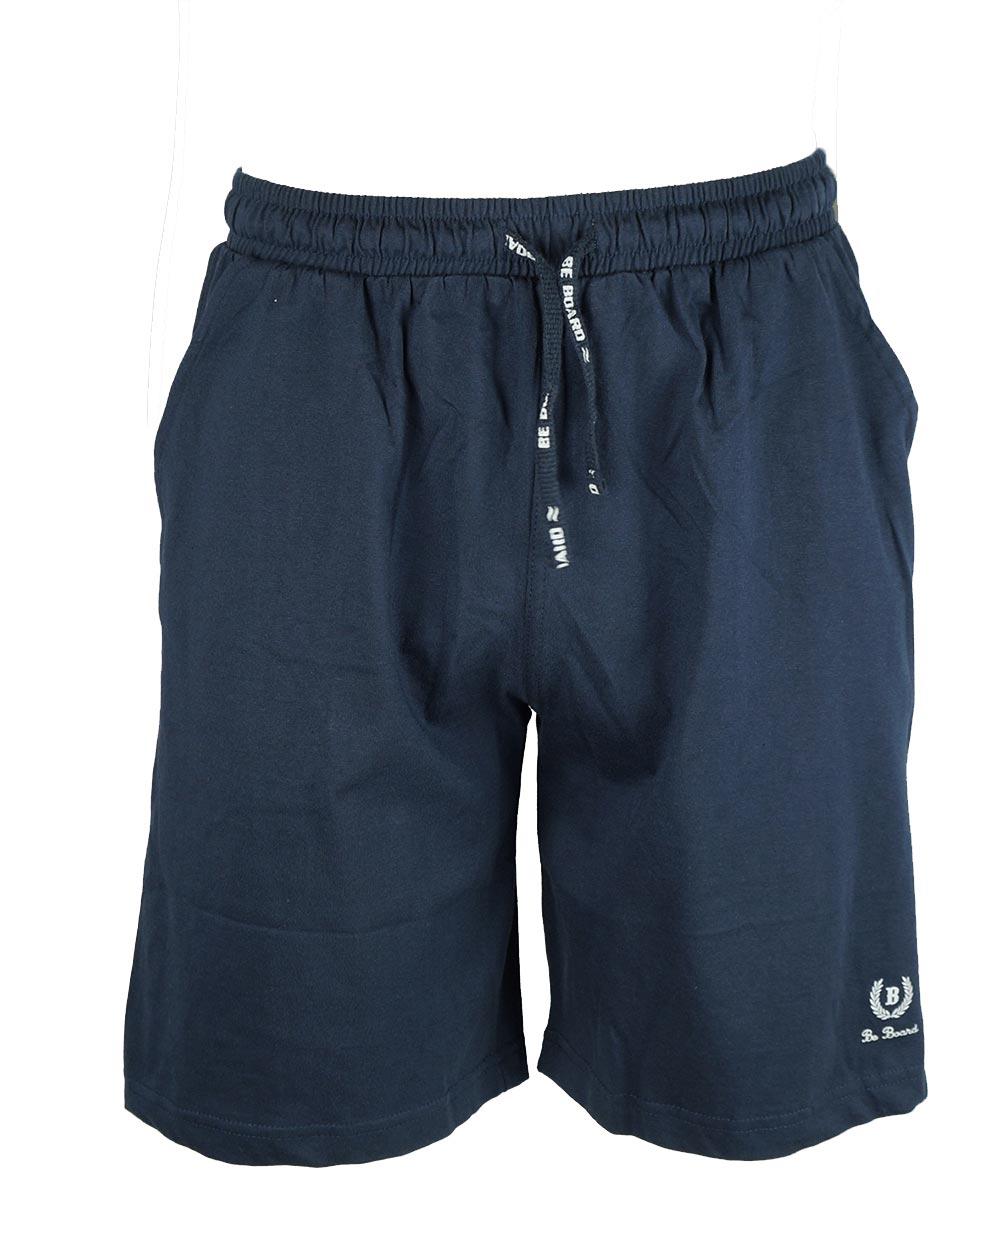 Pantalone Corto Bermuda Uomo Cotone Leggero Be Board Taglie Forti 5